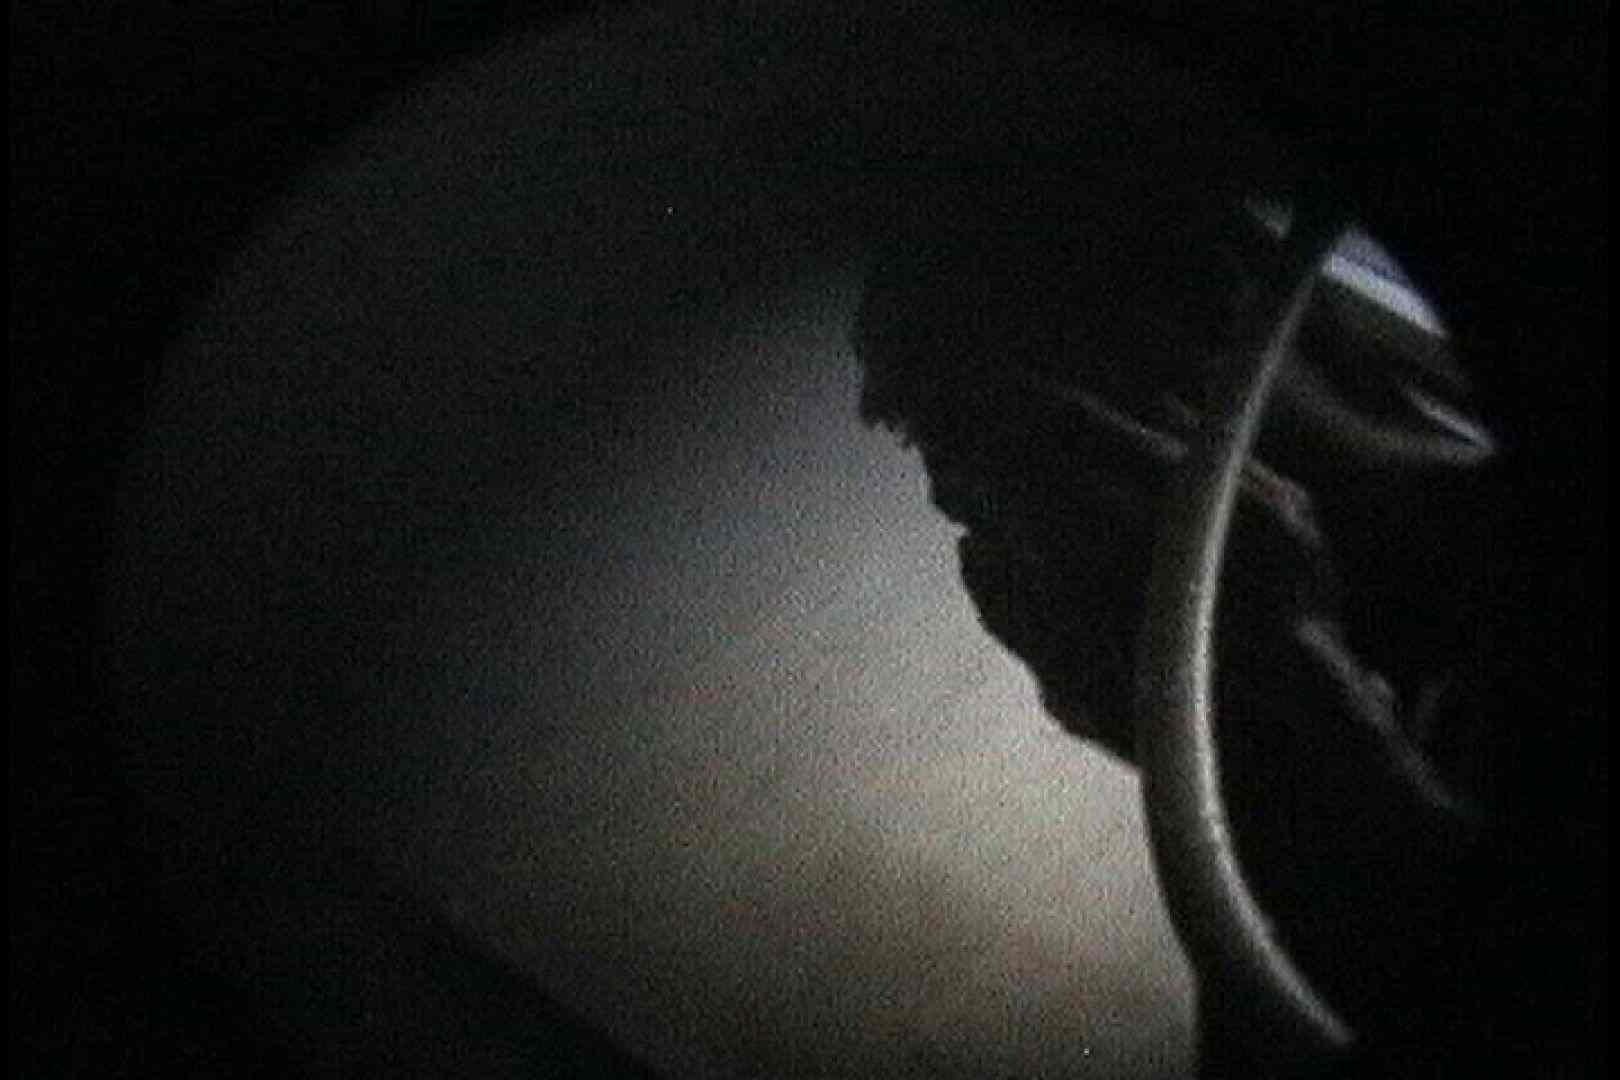 オマンコ丸見え:No.118 半生タイプのちんちんをソフトタッチ:怪盗ジョーカー